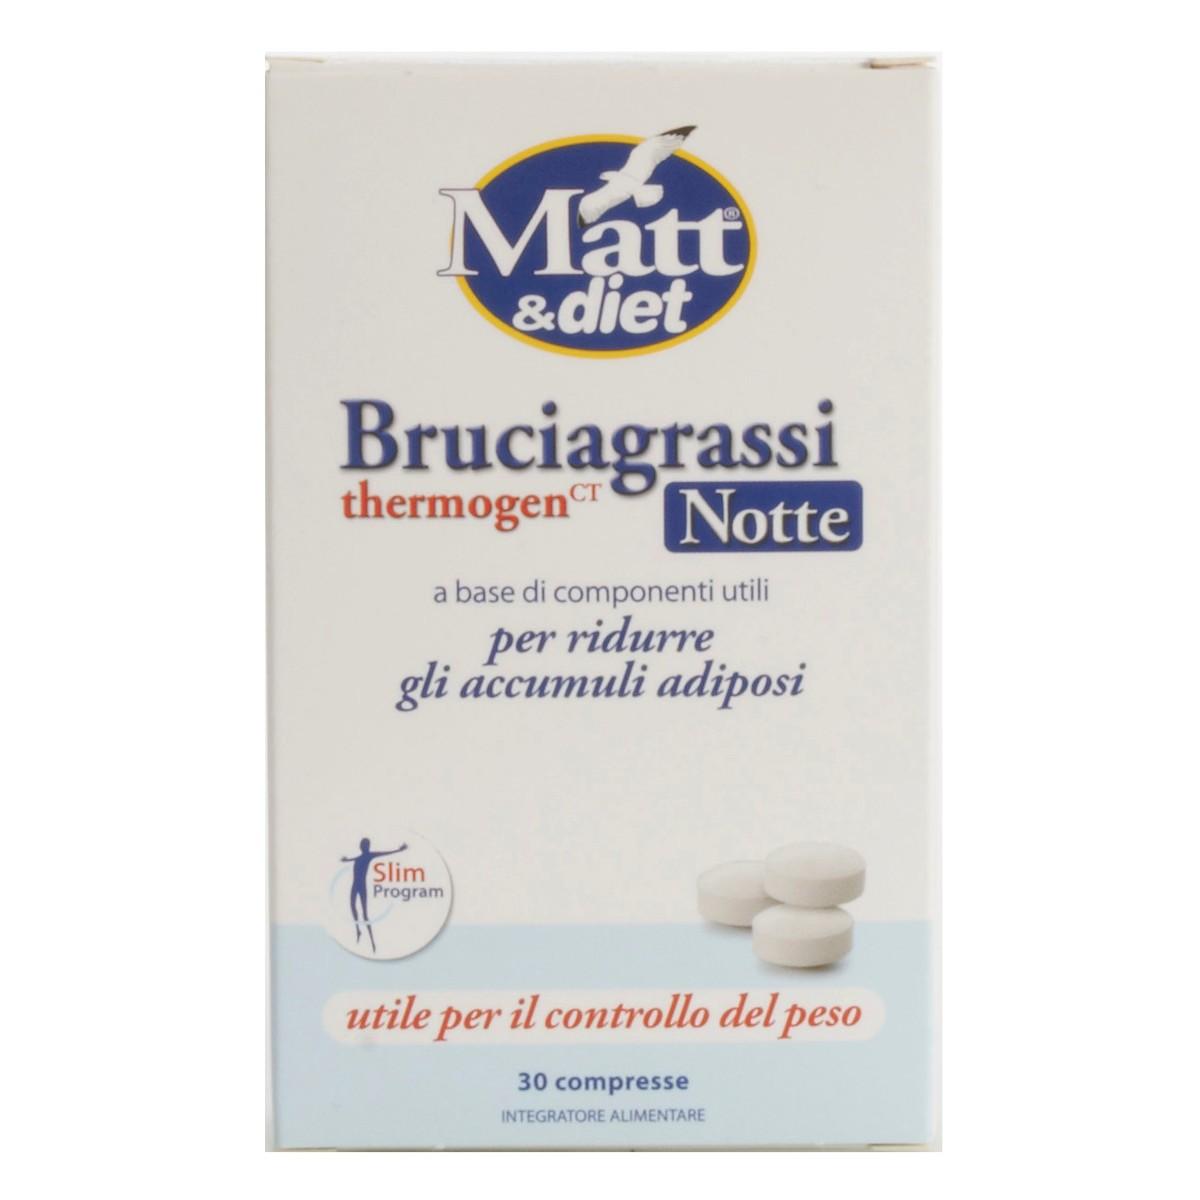 Integratore Bruciagrassi Notte Thermogen